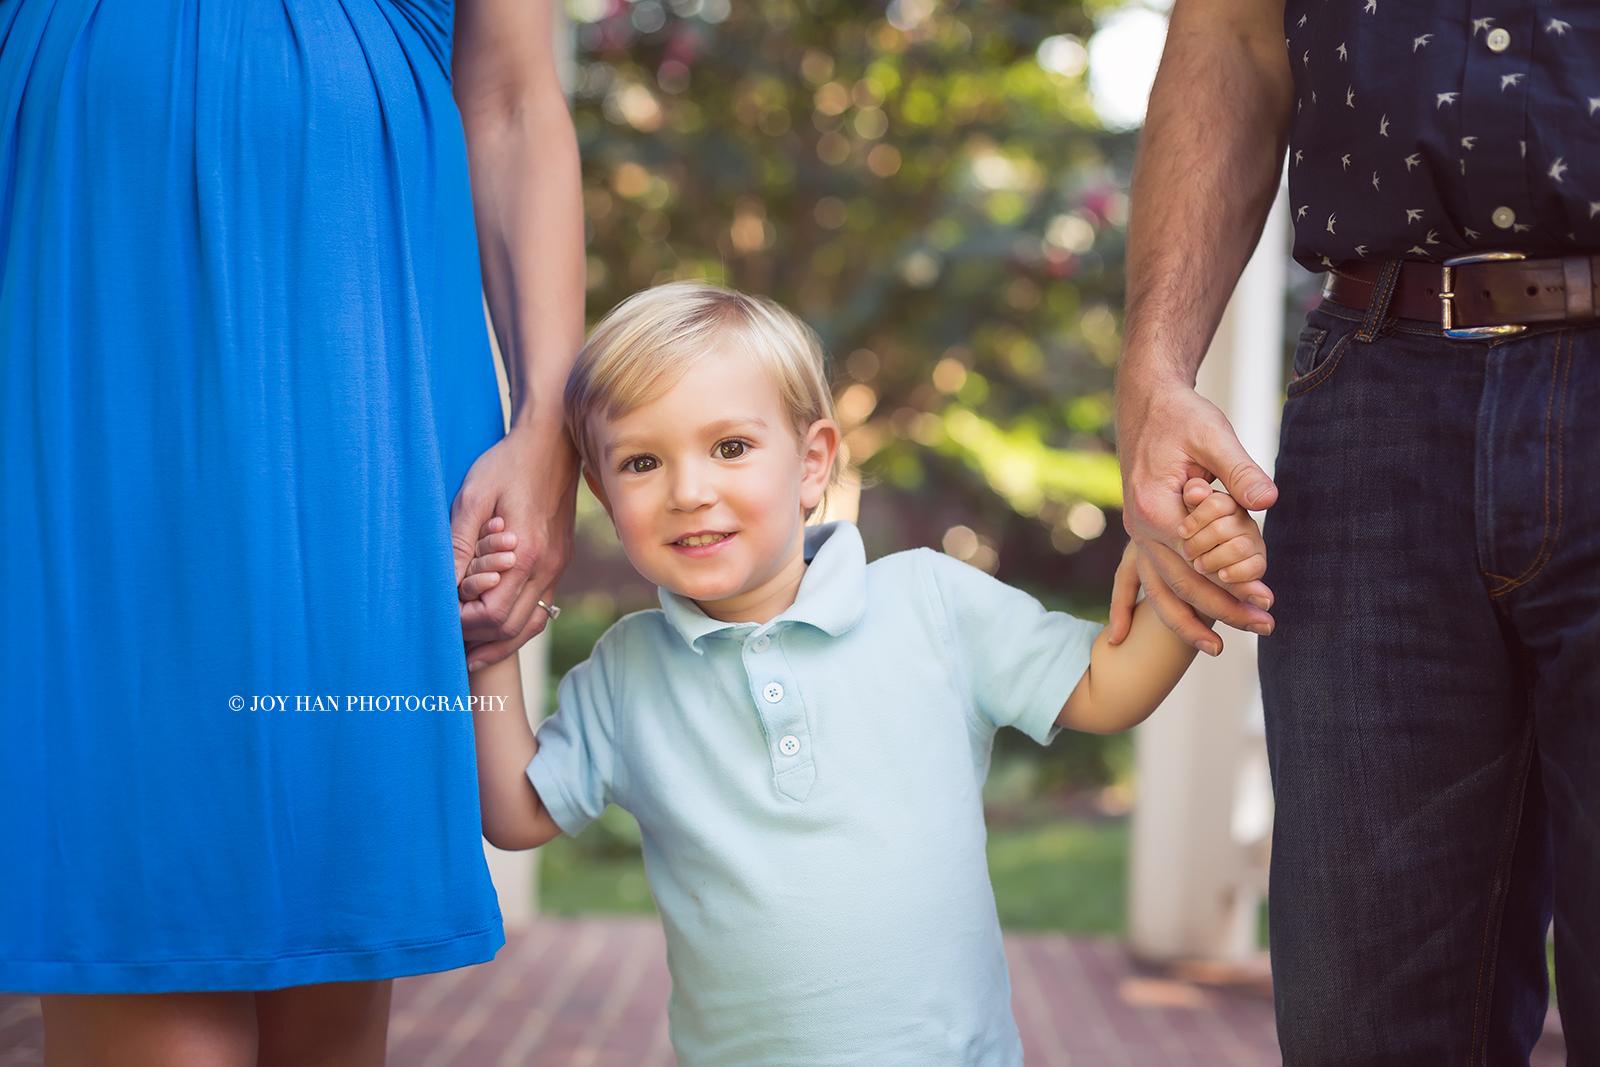 Best Children Photographer in Northern VA | Children Photography